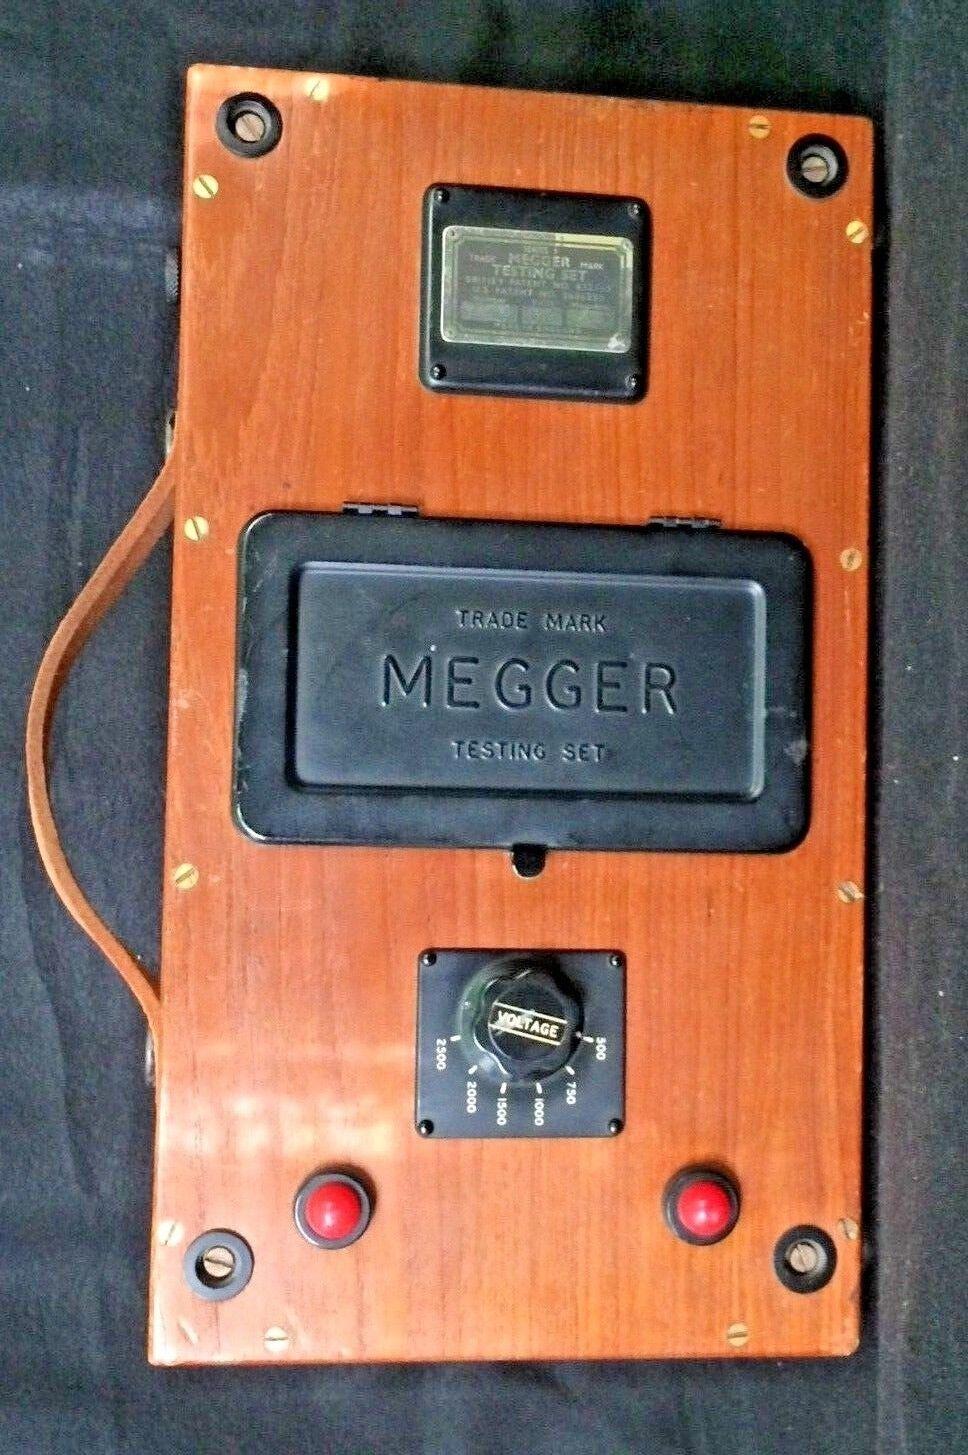 VNTG J G Biddle Co MEGGER Series 1 INSULATION TESTER Meter V